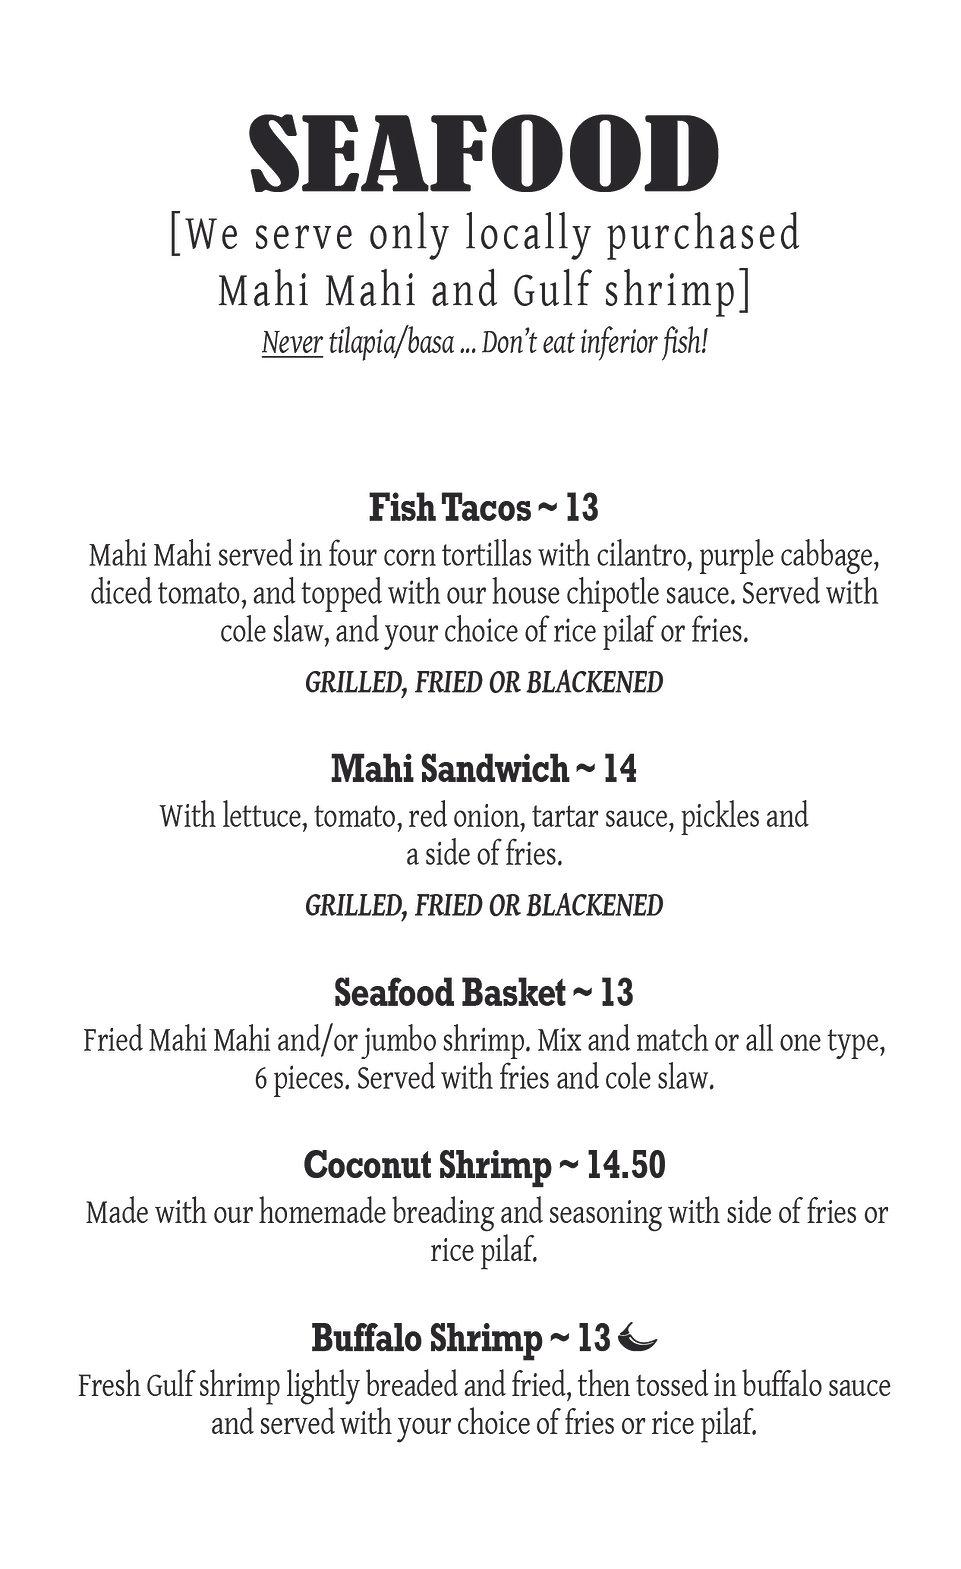 seafood 0725.jpg